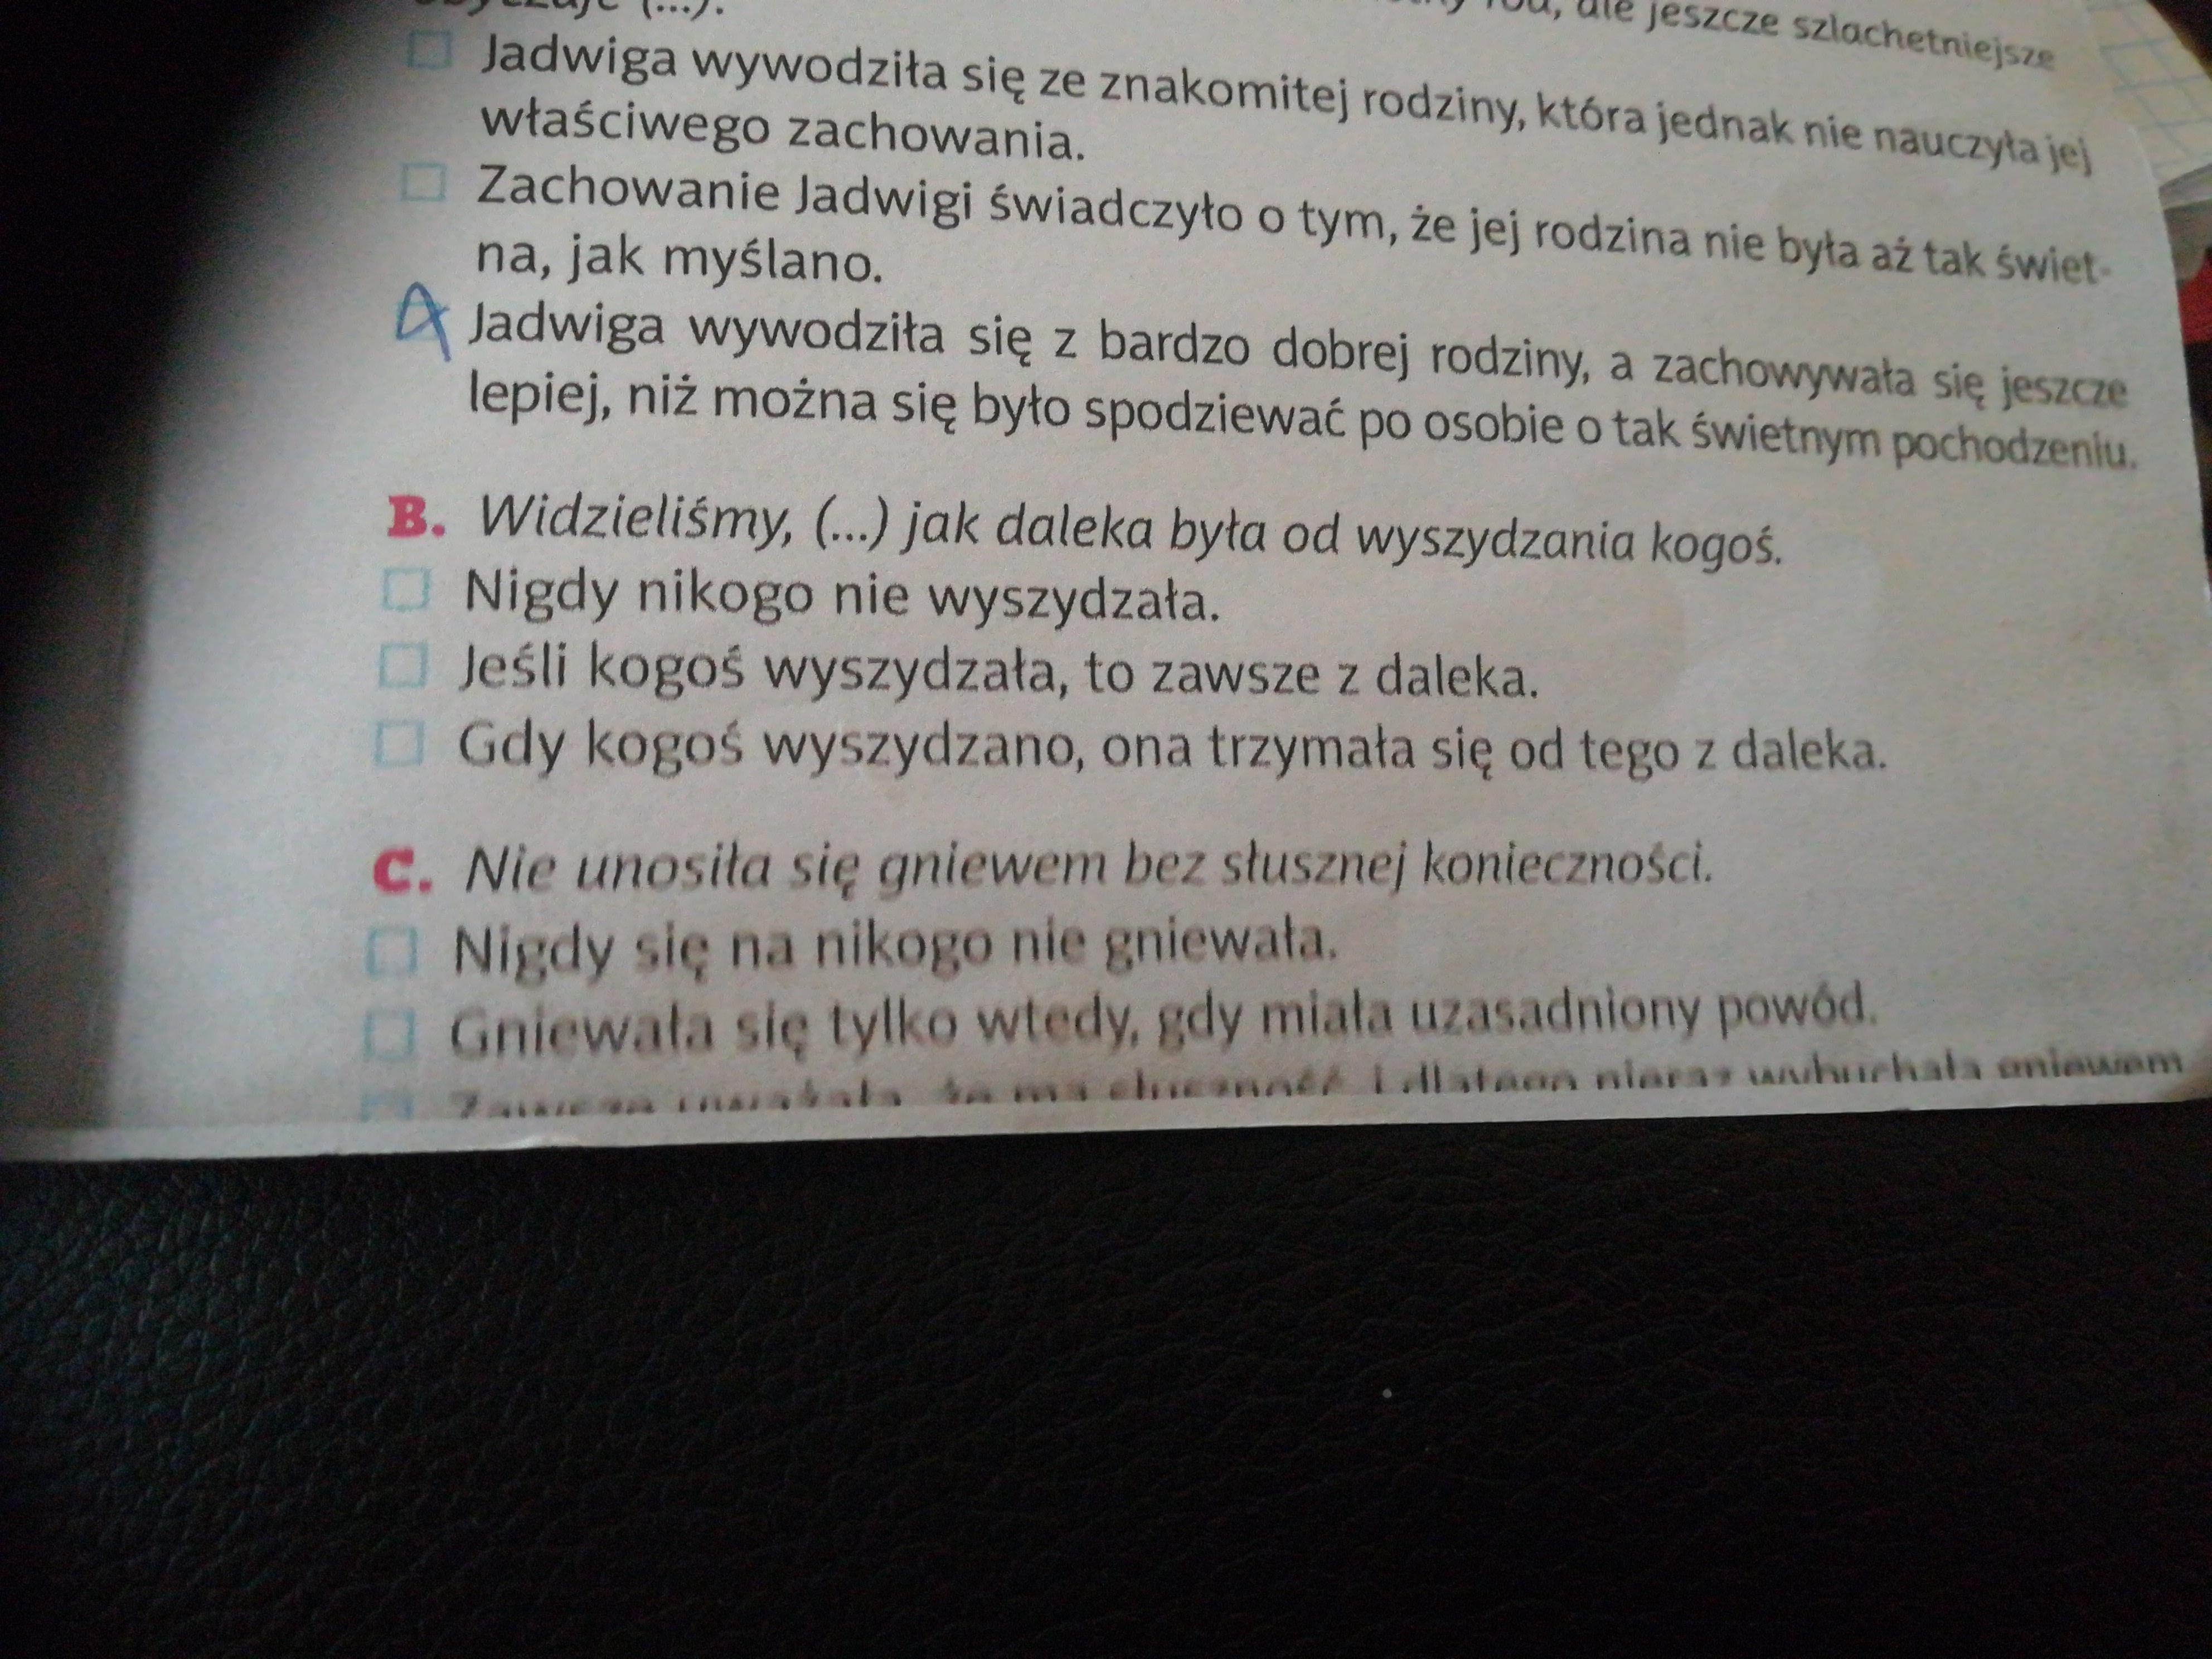 Poniżej Znajdują Się Cytaty Z Kazania Stanisława Ze